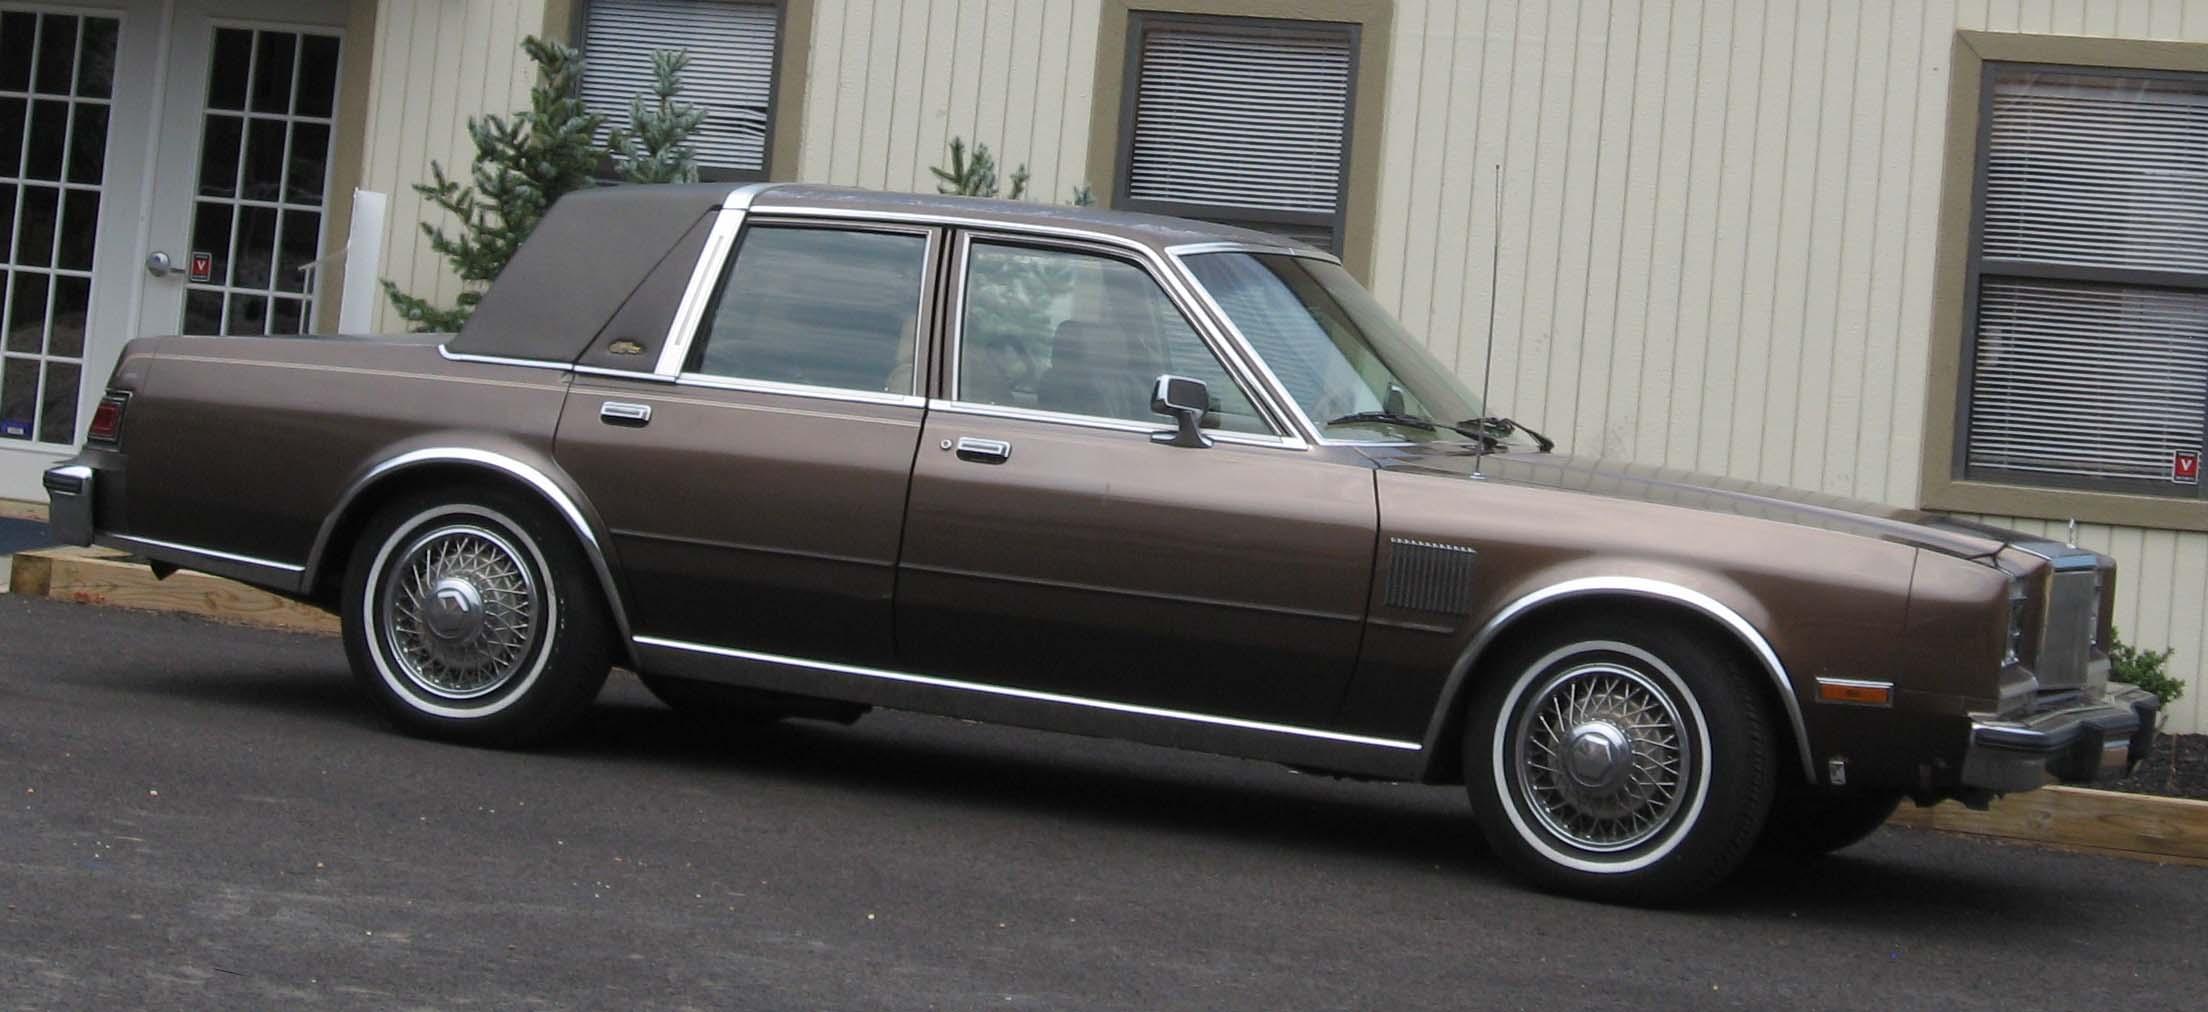 best old man car beamng. Black Bedroom Furniture Sets. Home Design Ideas